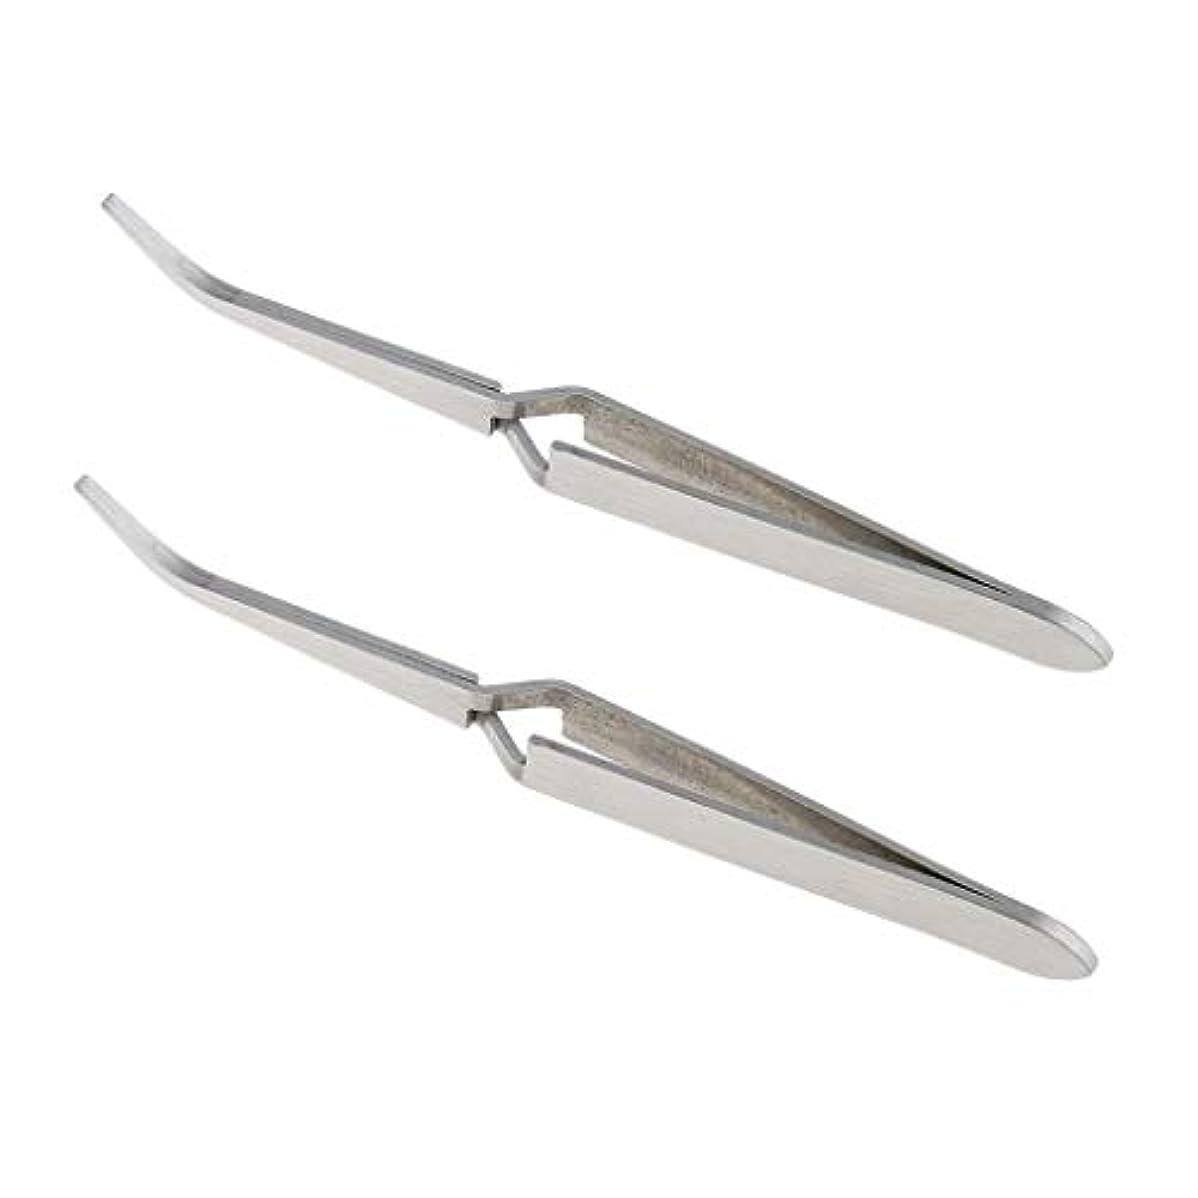 超える覚醒復活させる2個 ステンレス鋼 Cカーブ マニキュア 爪 ピンセット 修復 クランプ 爪 に適う 爪 アート ラインストーン ピッキング デコレーション クリッピング